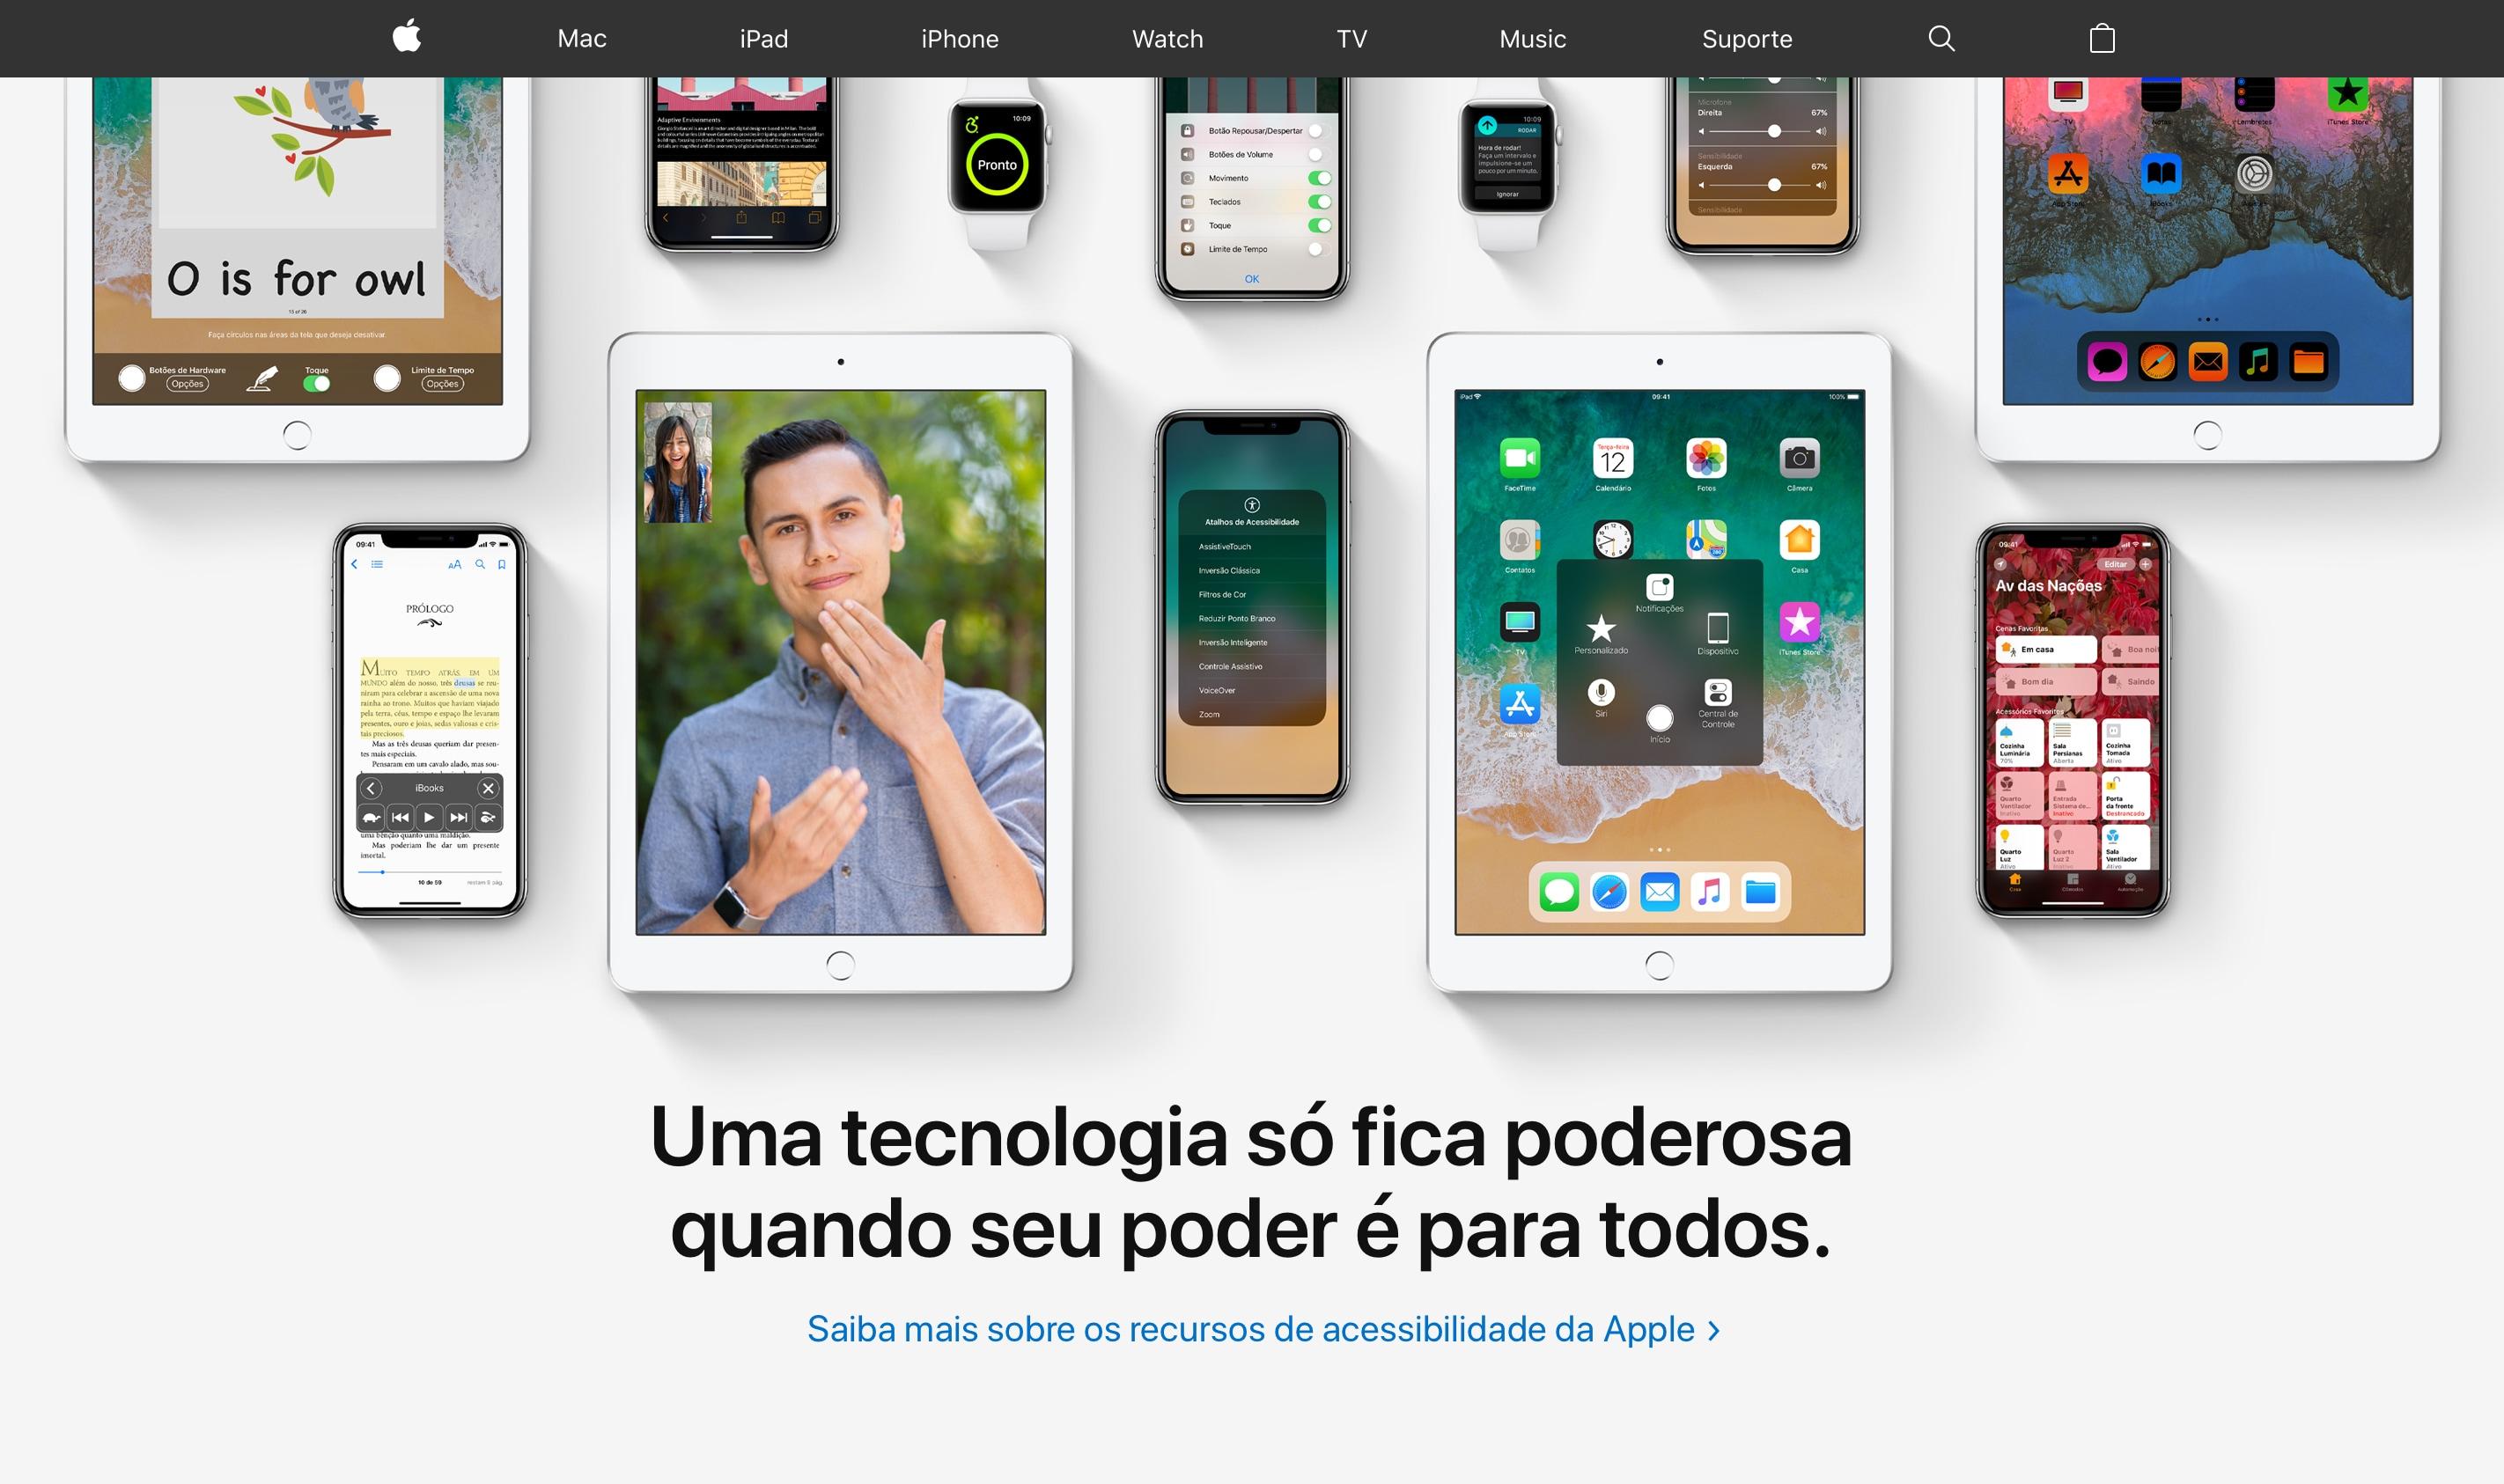 Apple.com destacando os recursos de acessibilidade da empresa